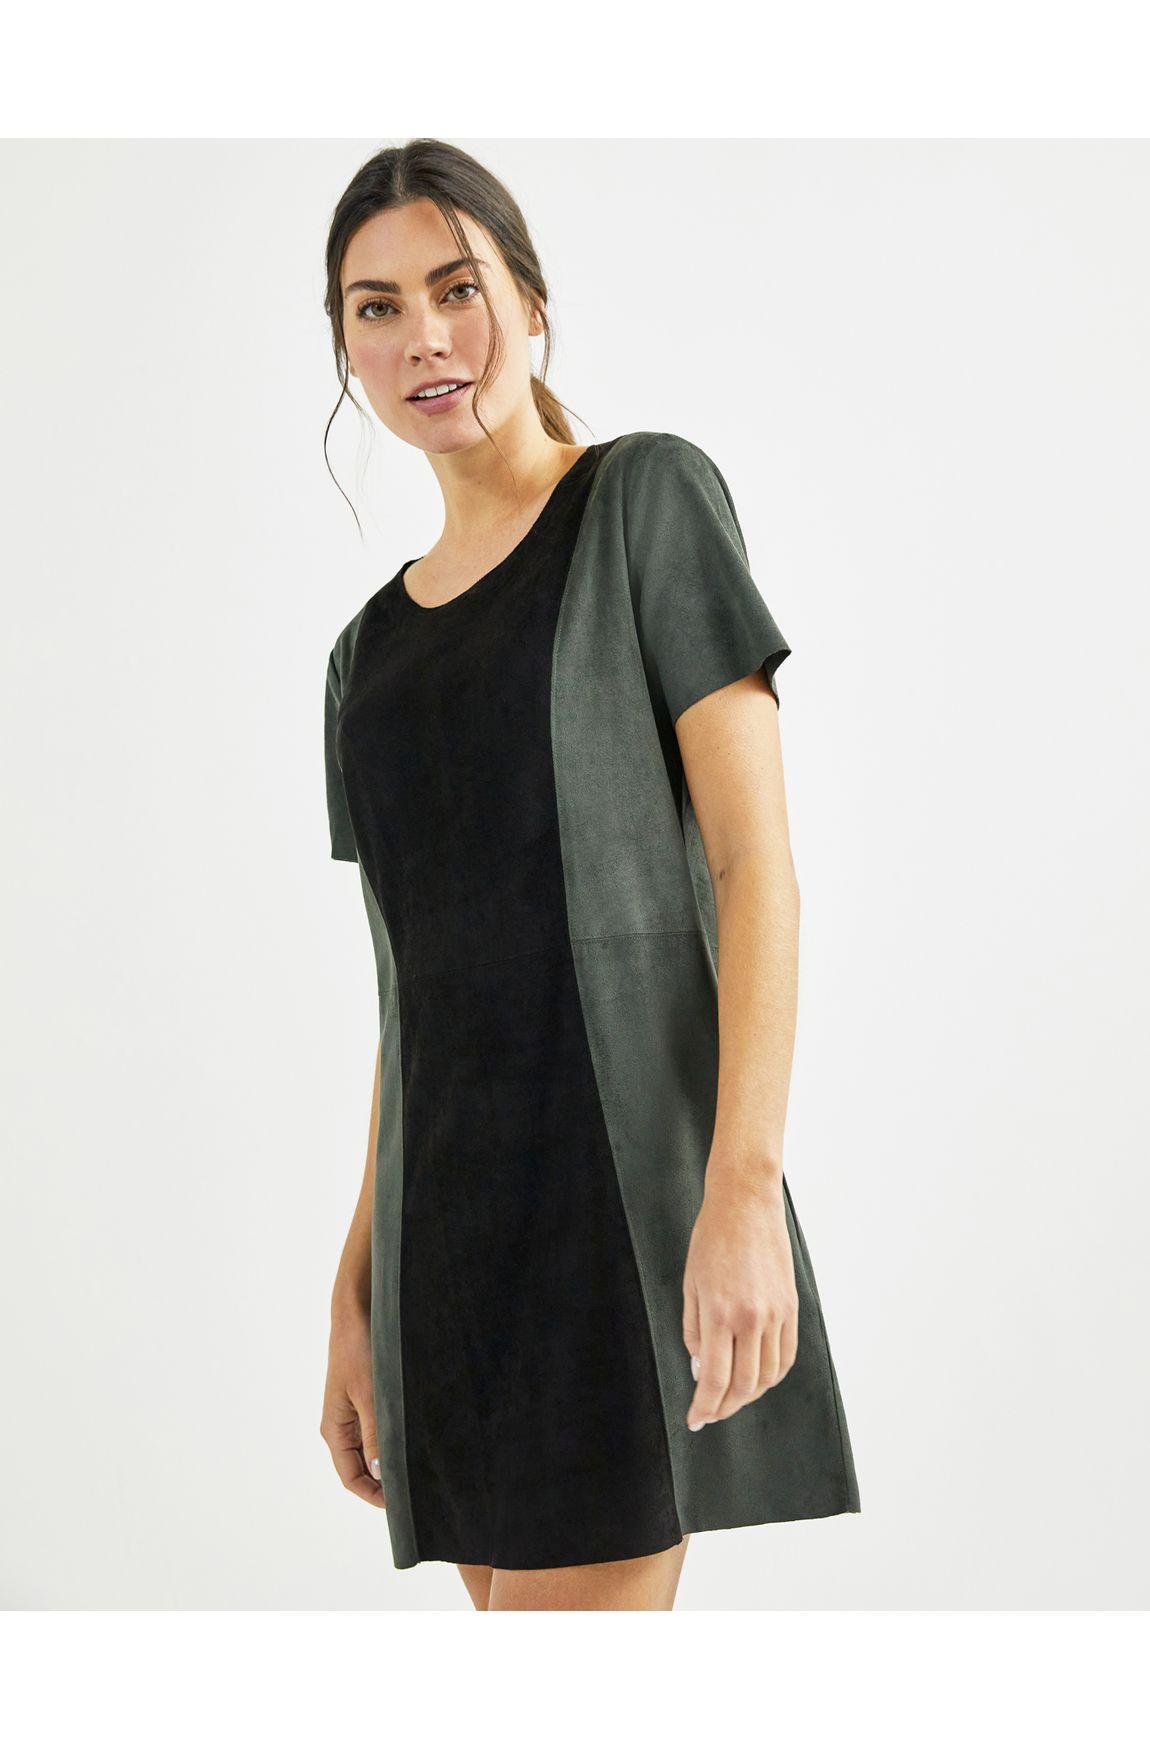 T-shirt dress suede colorblock